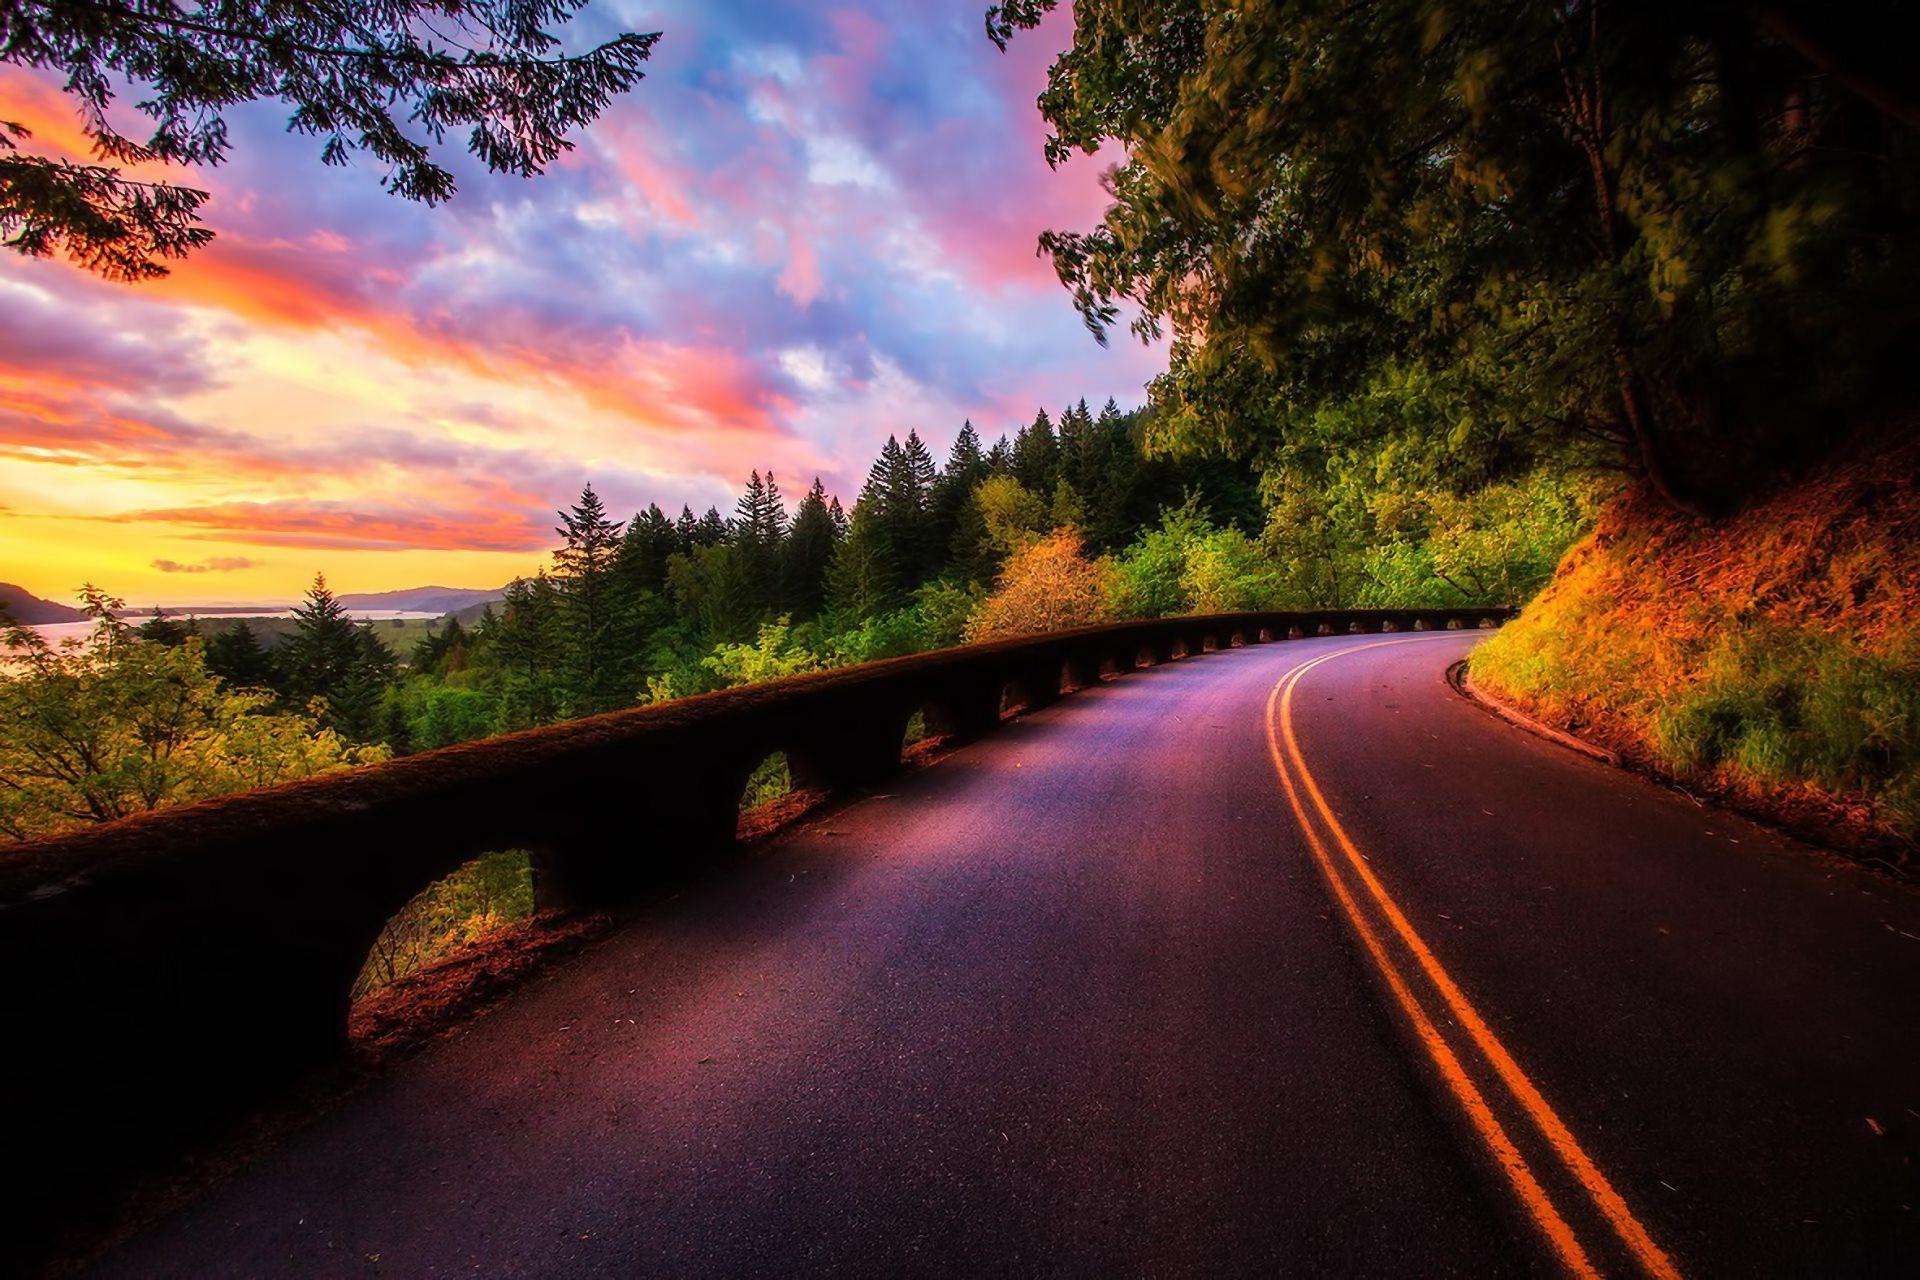 Road along the sunset / 1920 x 1280 / Sunriseandsunset / Photography ...